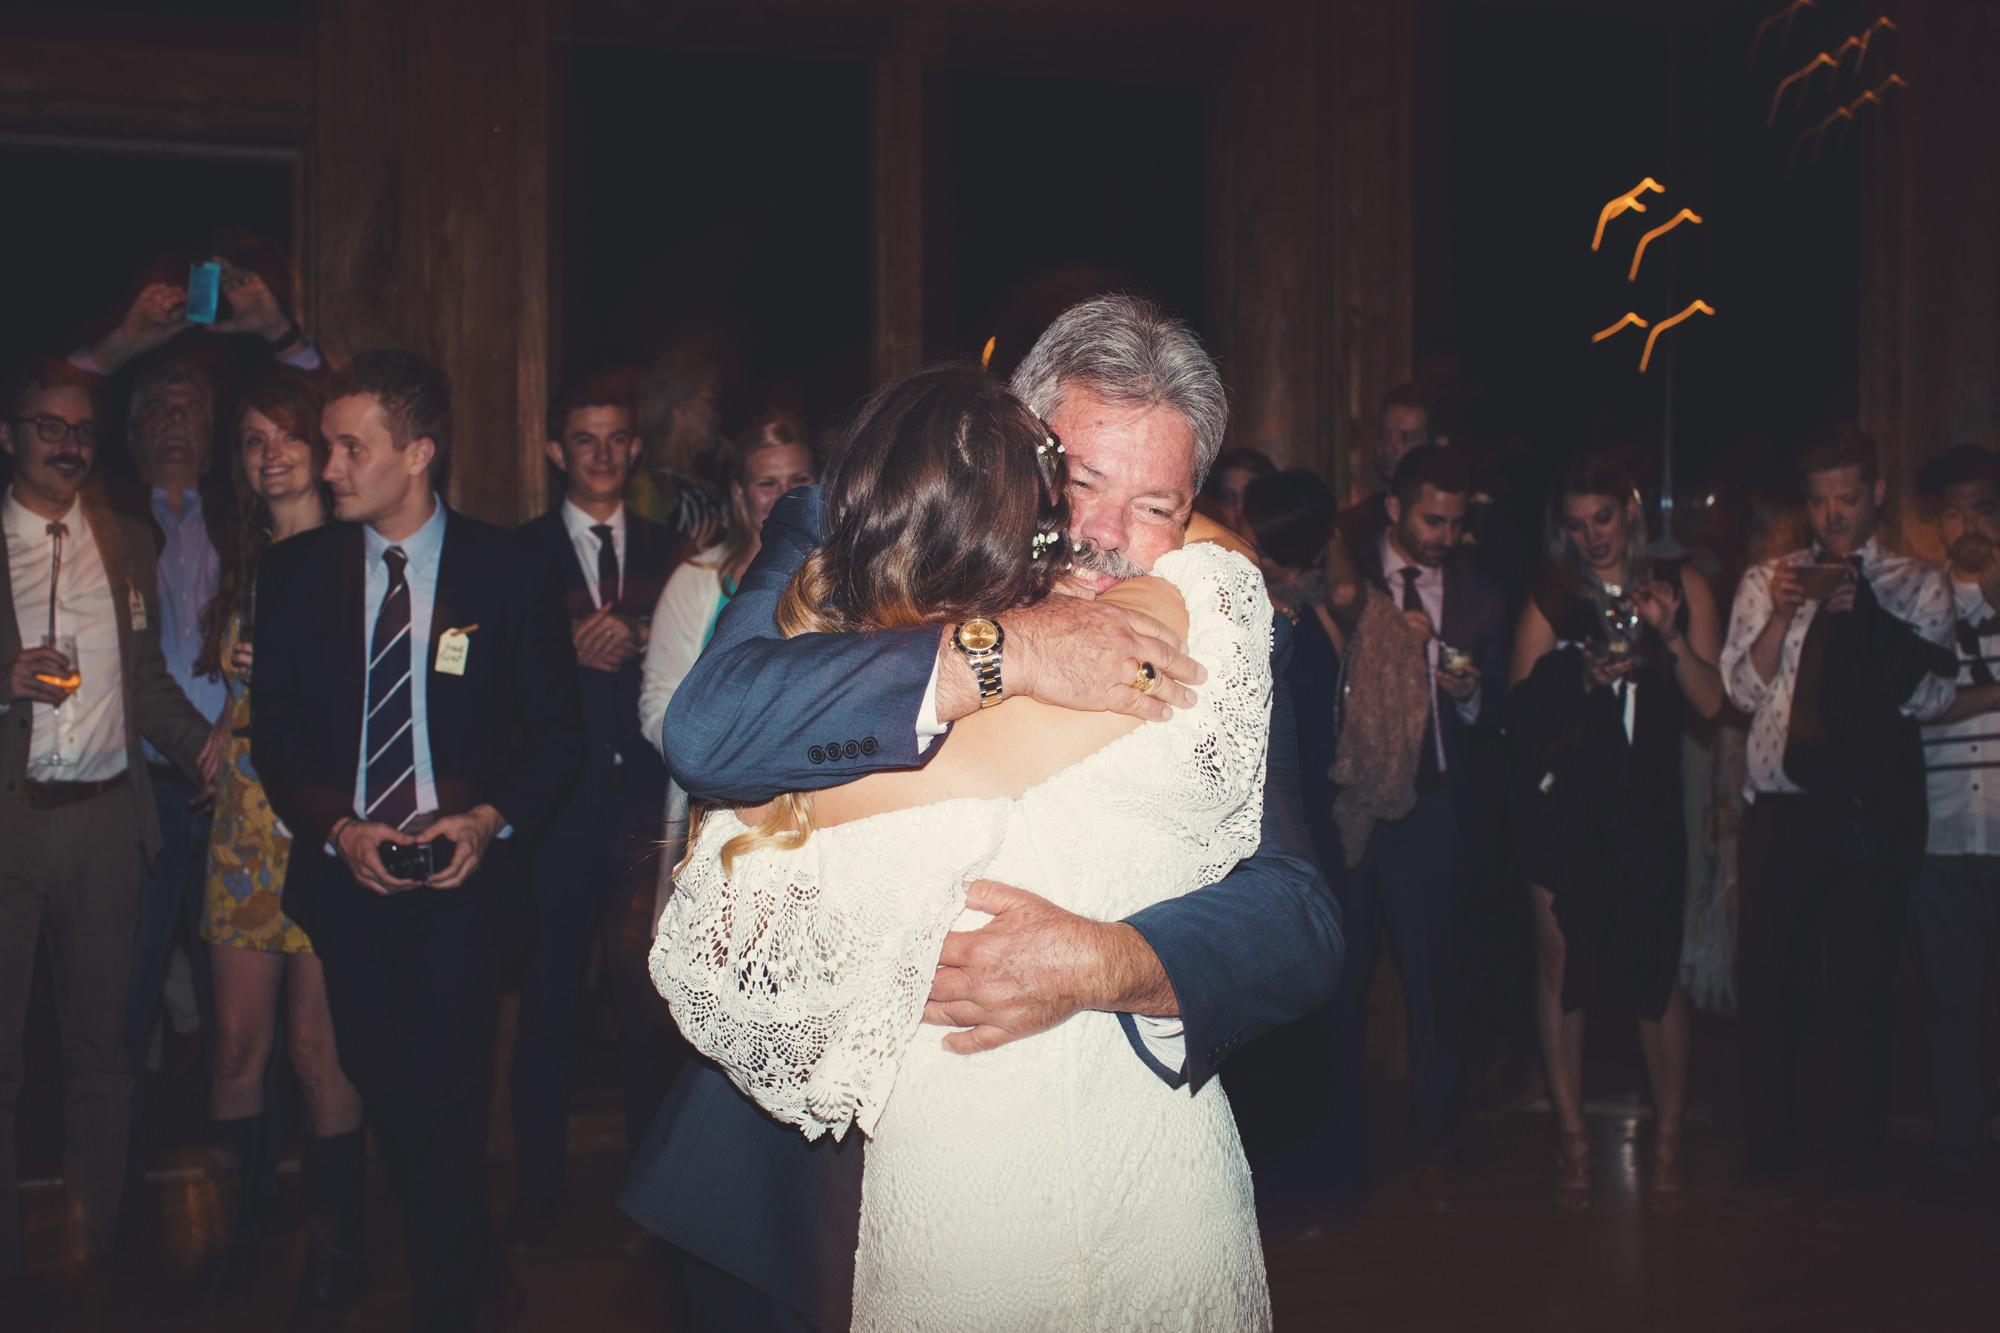 Sequoia Retreat Center Wedding@Anne-Claire Brun 224